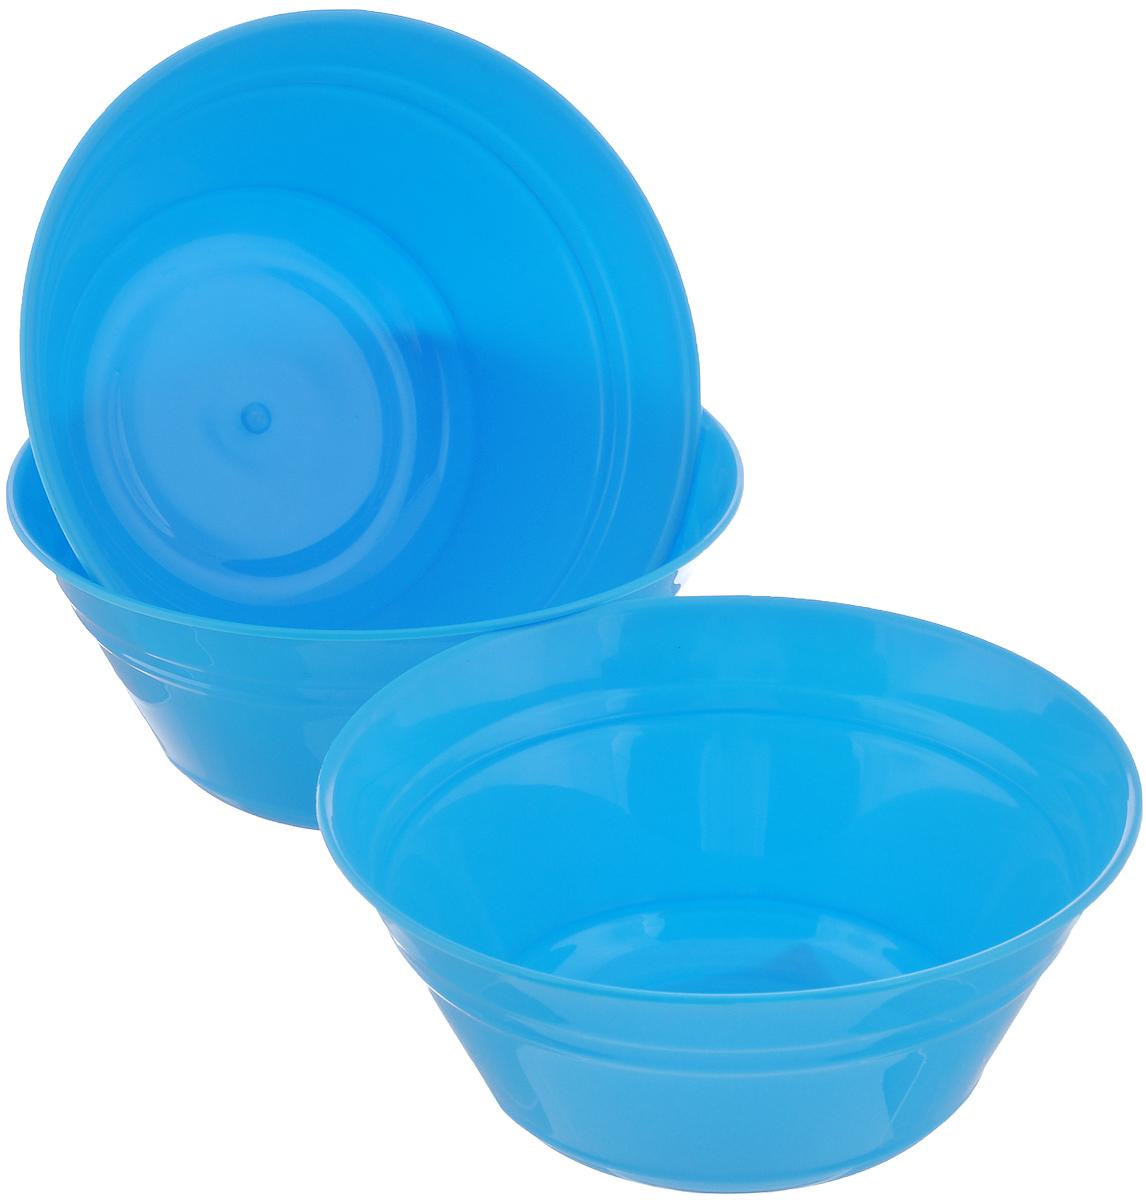 Набор салатников Berossi Patio, цвет: голубой, 1 л, 3 штИК13147000Набор Berossi Patio состоит из трех круглых салатников, выполненных из пищевого пластика. Стенки украшены рельефными полосками. Такие салатники прекрасно подойдут для сервировки закусок, нарезок, салатов и других блюд. Набор прекрасно оформит праздничный стол и удивит вас изысканным дизайном. Диаметр салатника (по верхнему краю): 18 см.